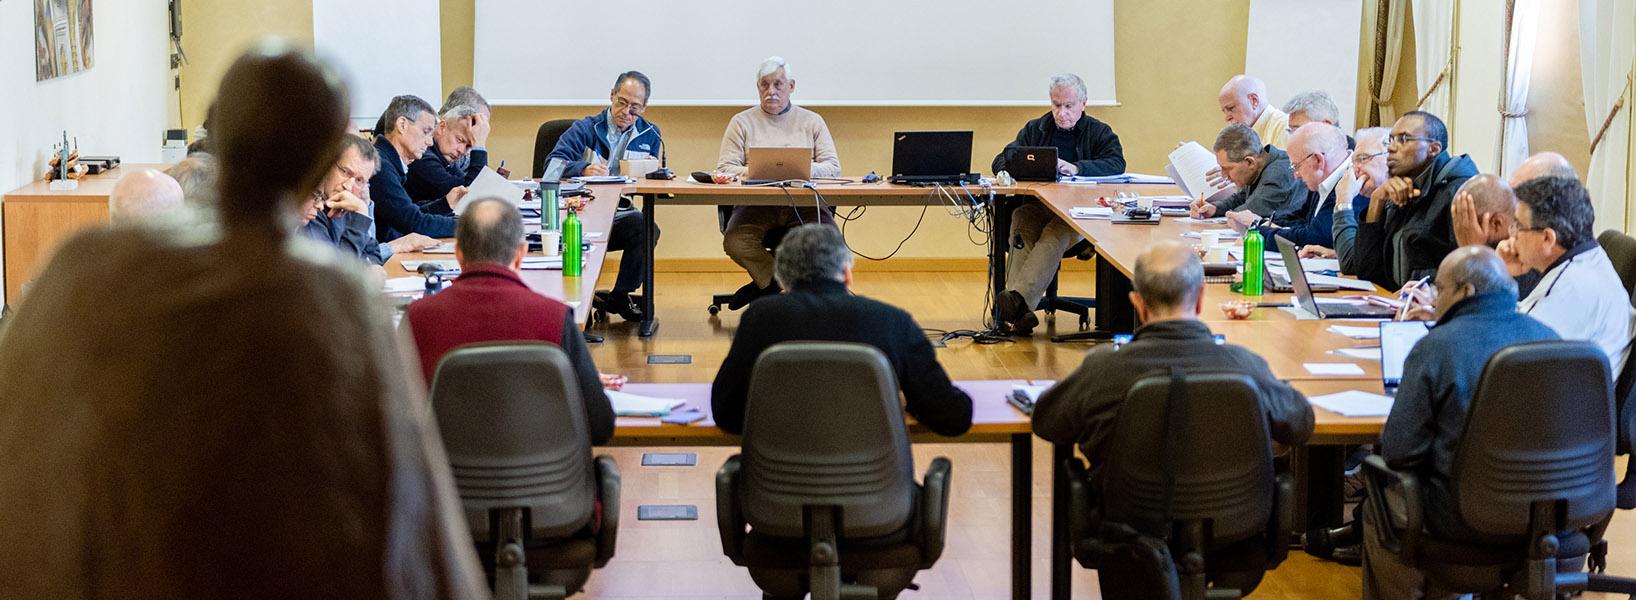 El Consiglio allargato: líderes jesuitas unidos por una misma misión